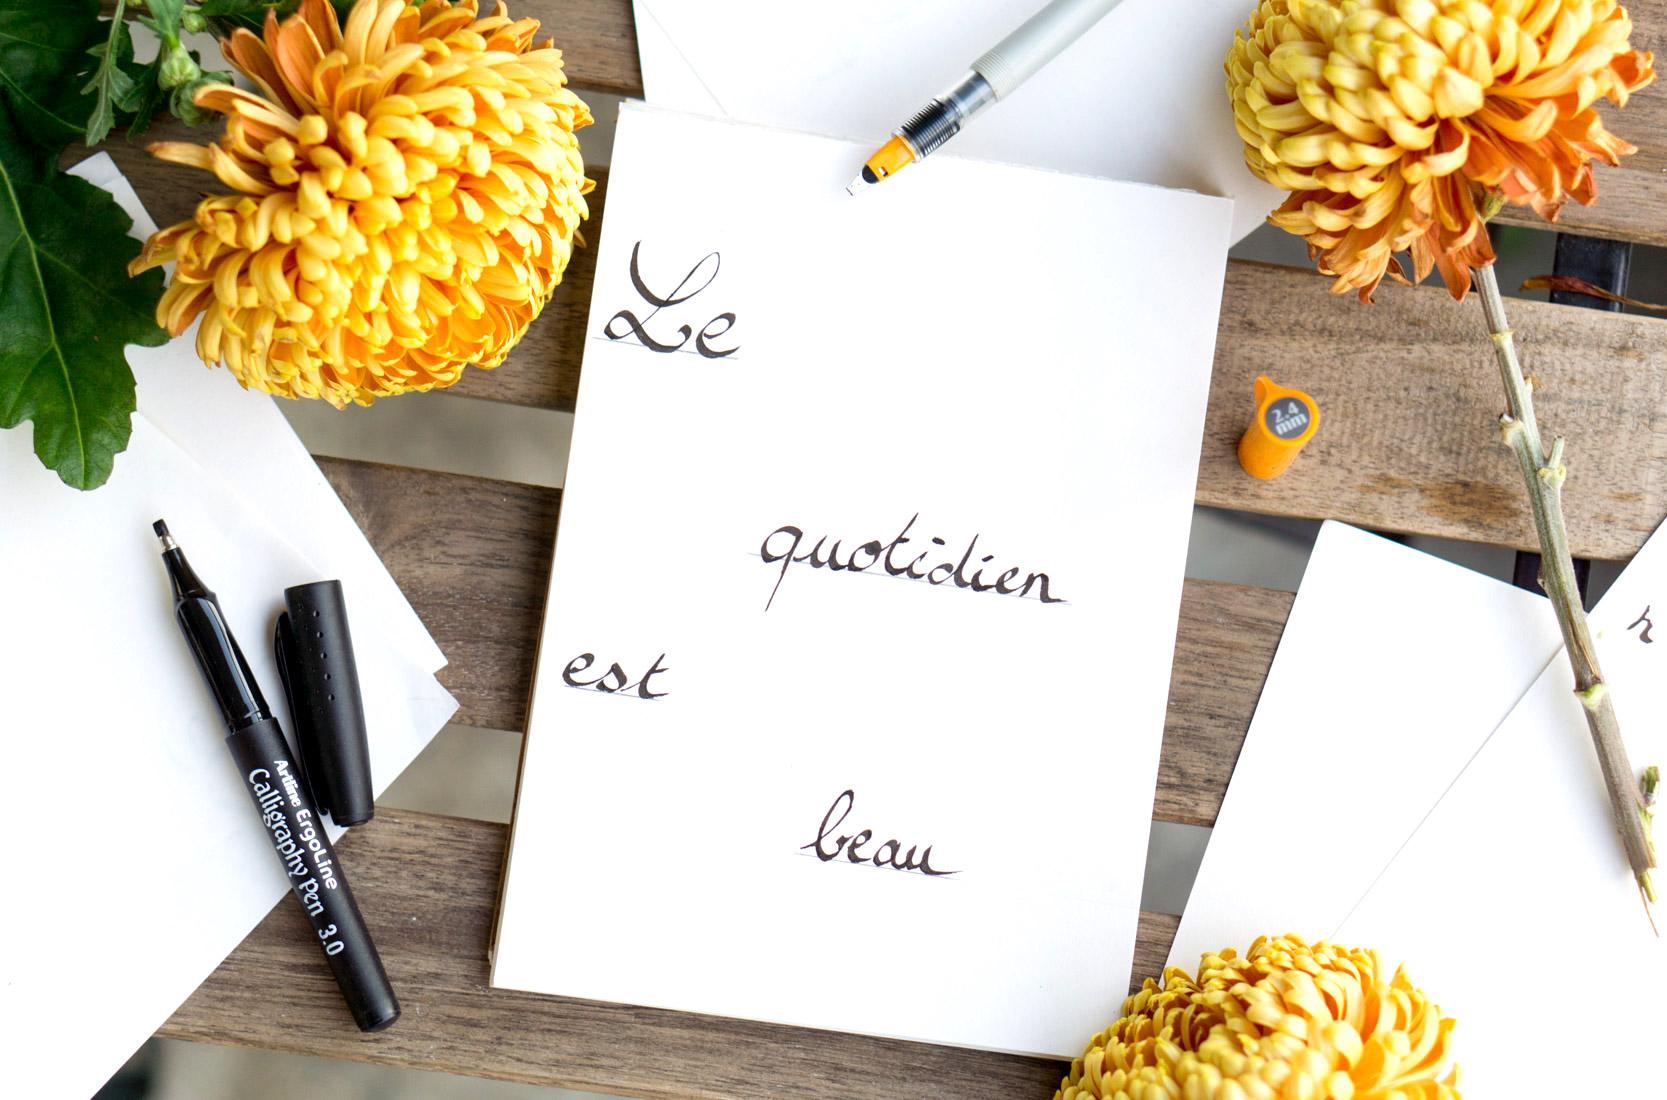 couverture-fleurs-orange-flatlay-calligraphie-hand lettering-tutoriel-oberthur-blog-rennes-lifestyle